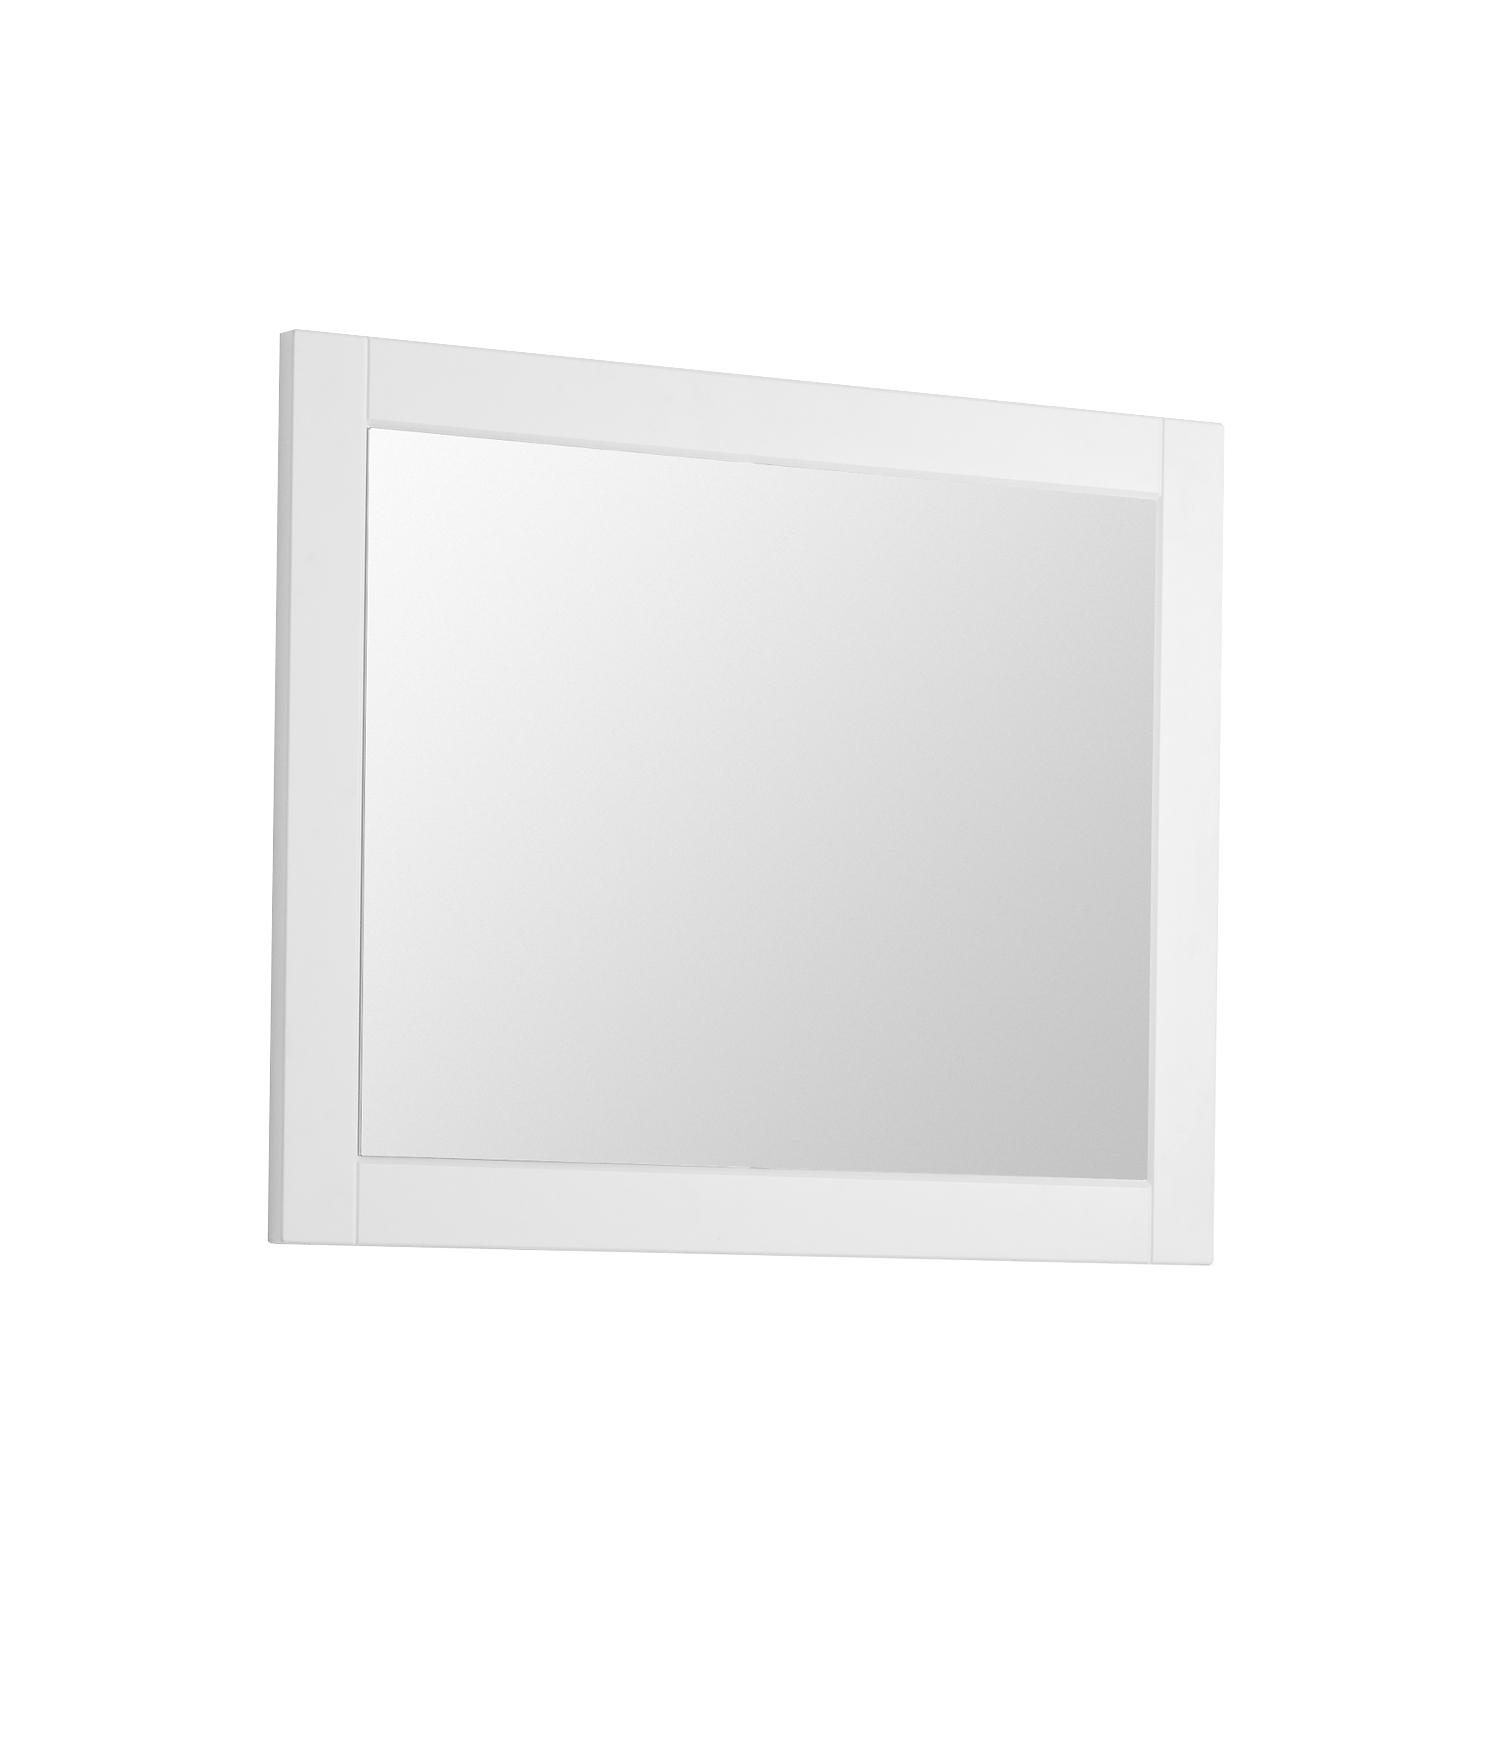 Bad spiegel barolo 80 cm breit wei matt bad for Spiegel 80 cm breit